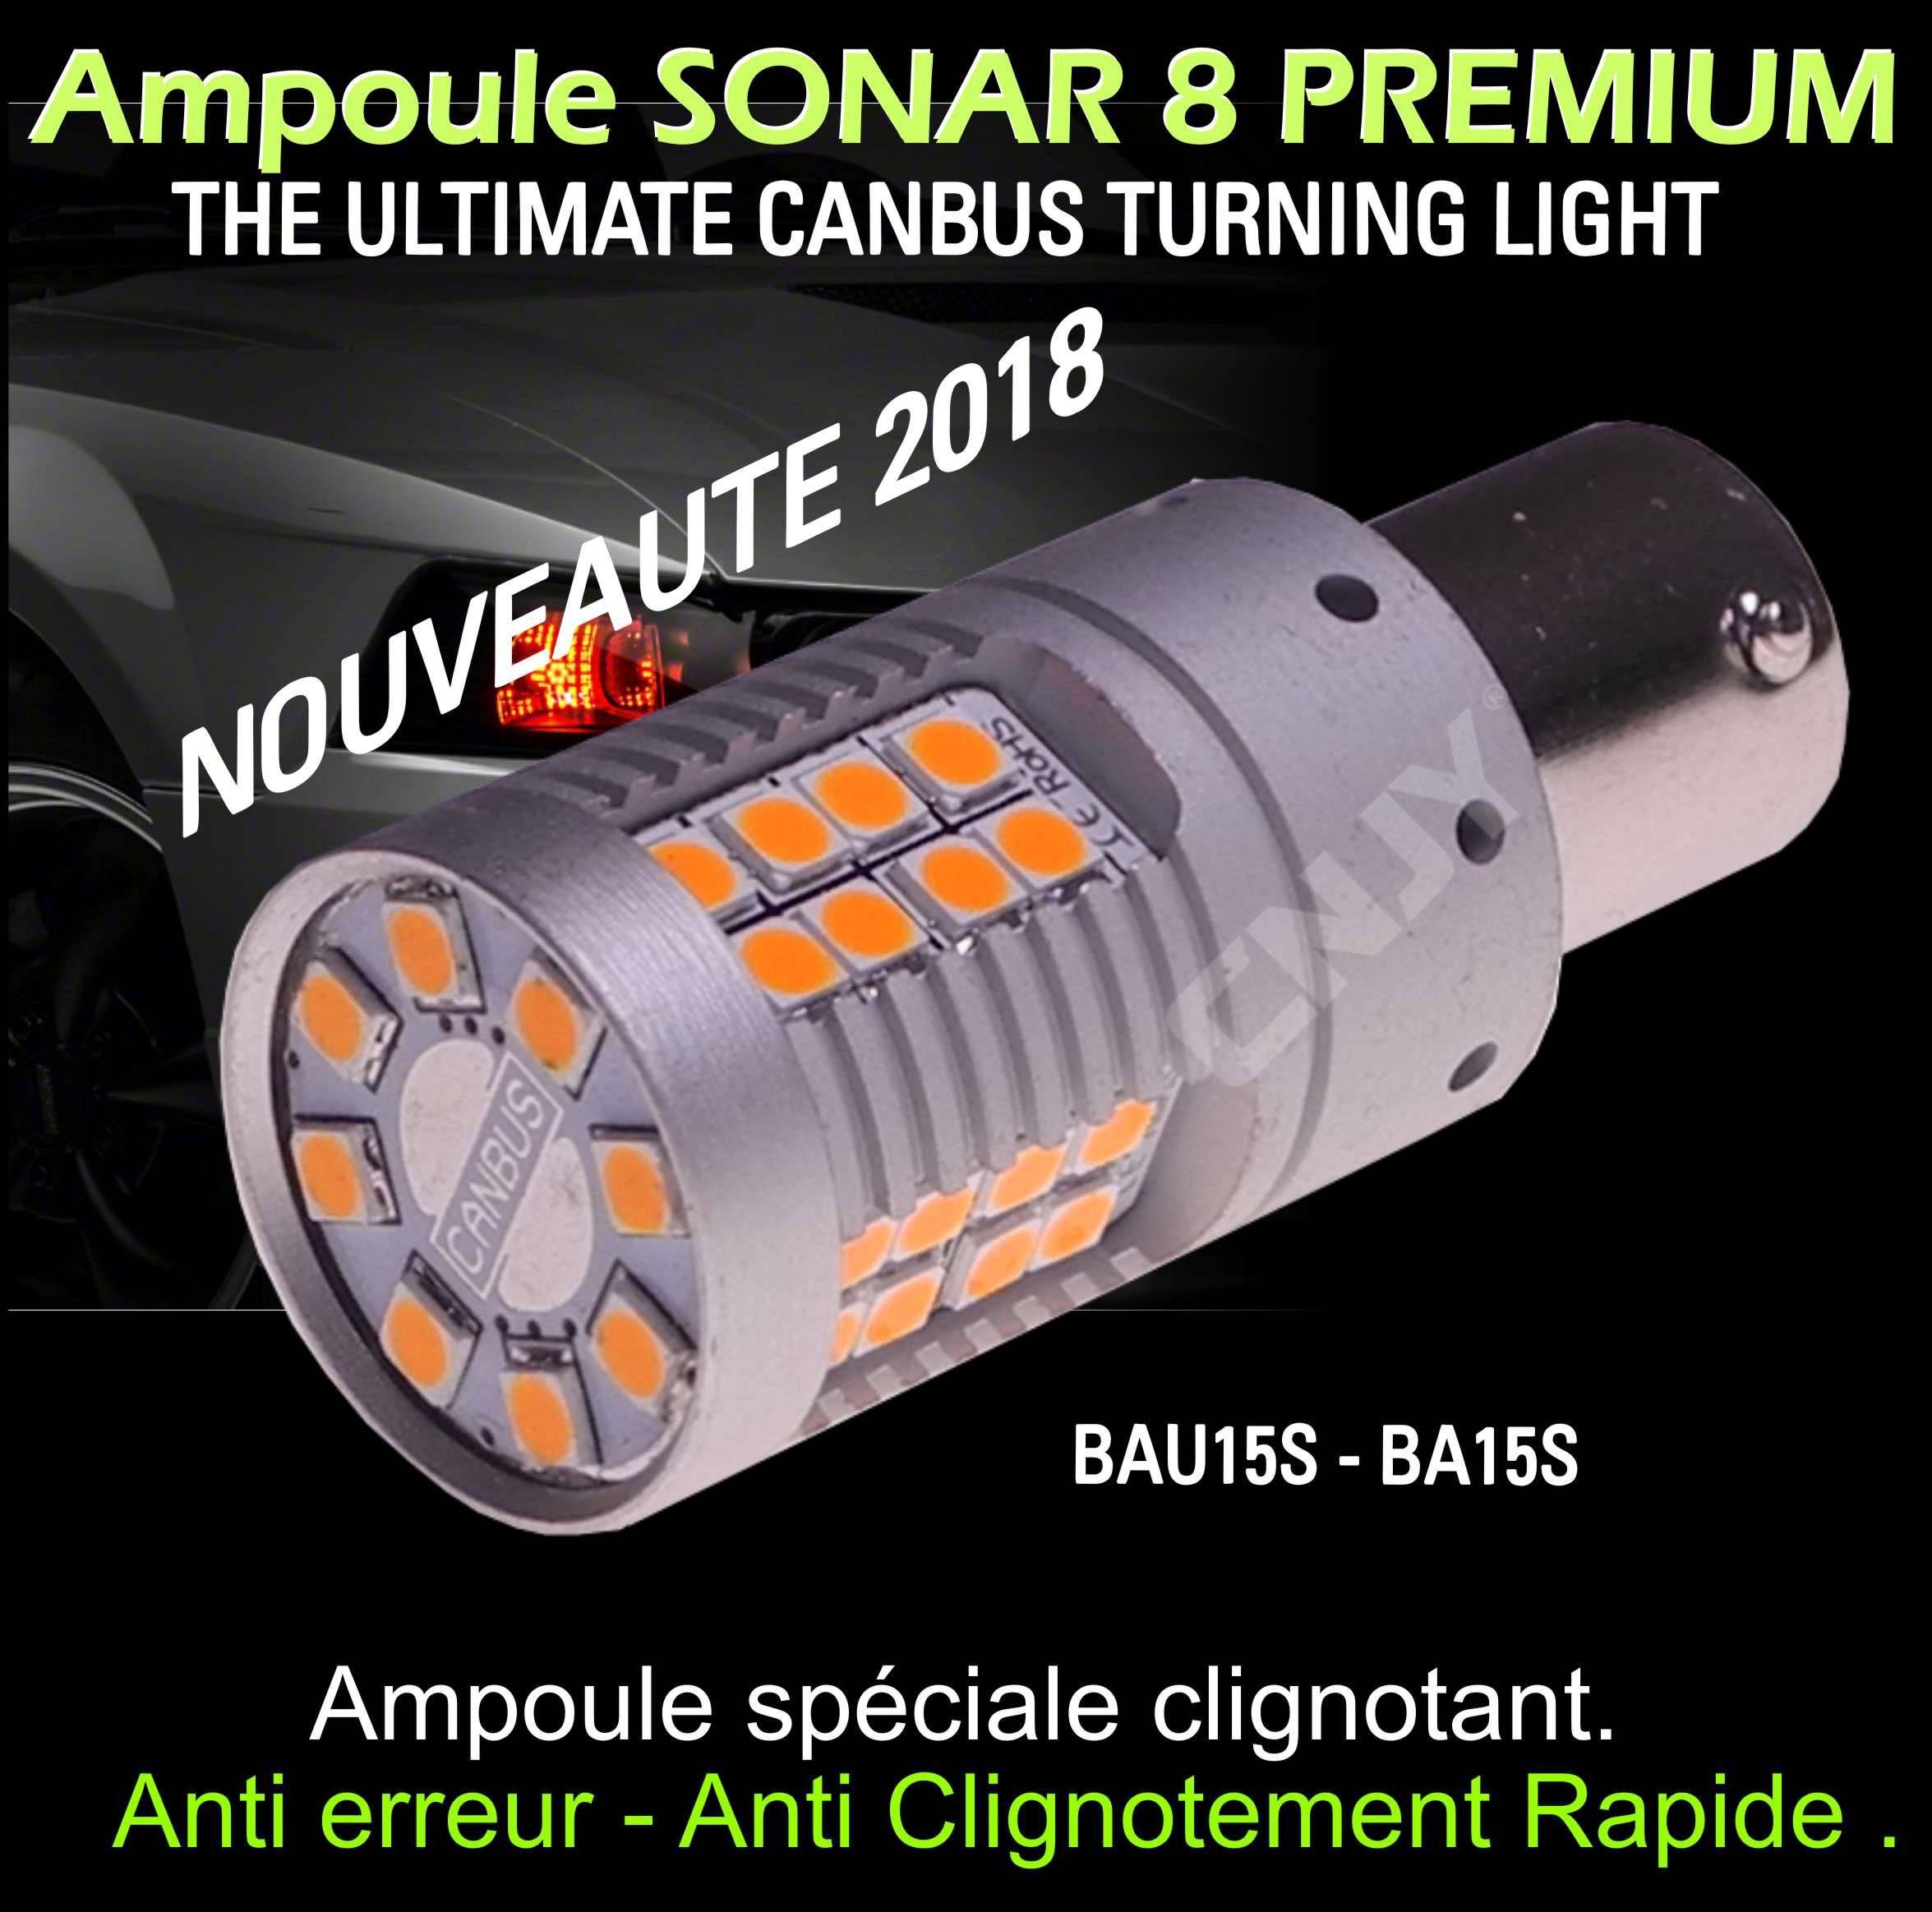 8 À Canbus Et Ampoule Led Orange Led Chez Sonar Rapide € fr 24 Cnjy Clignotement 90 P21w Anti Ba15s gvY6f7yb